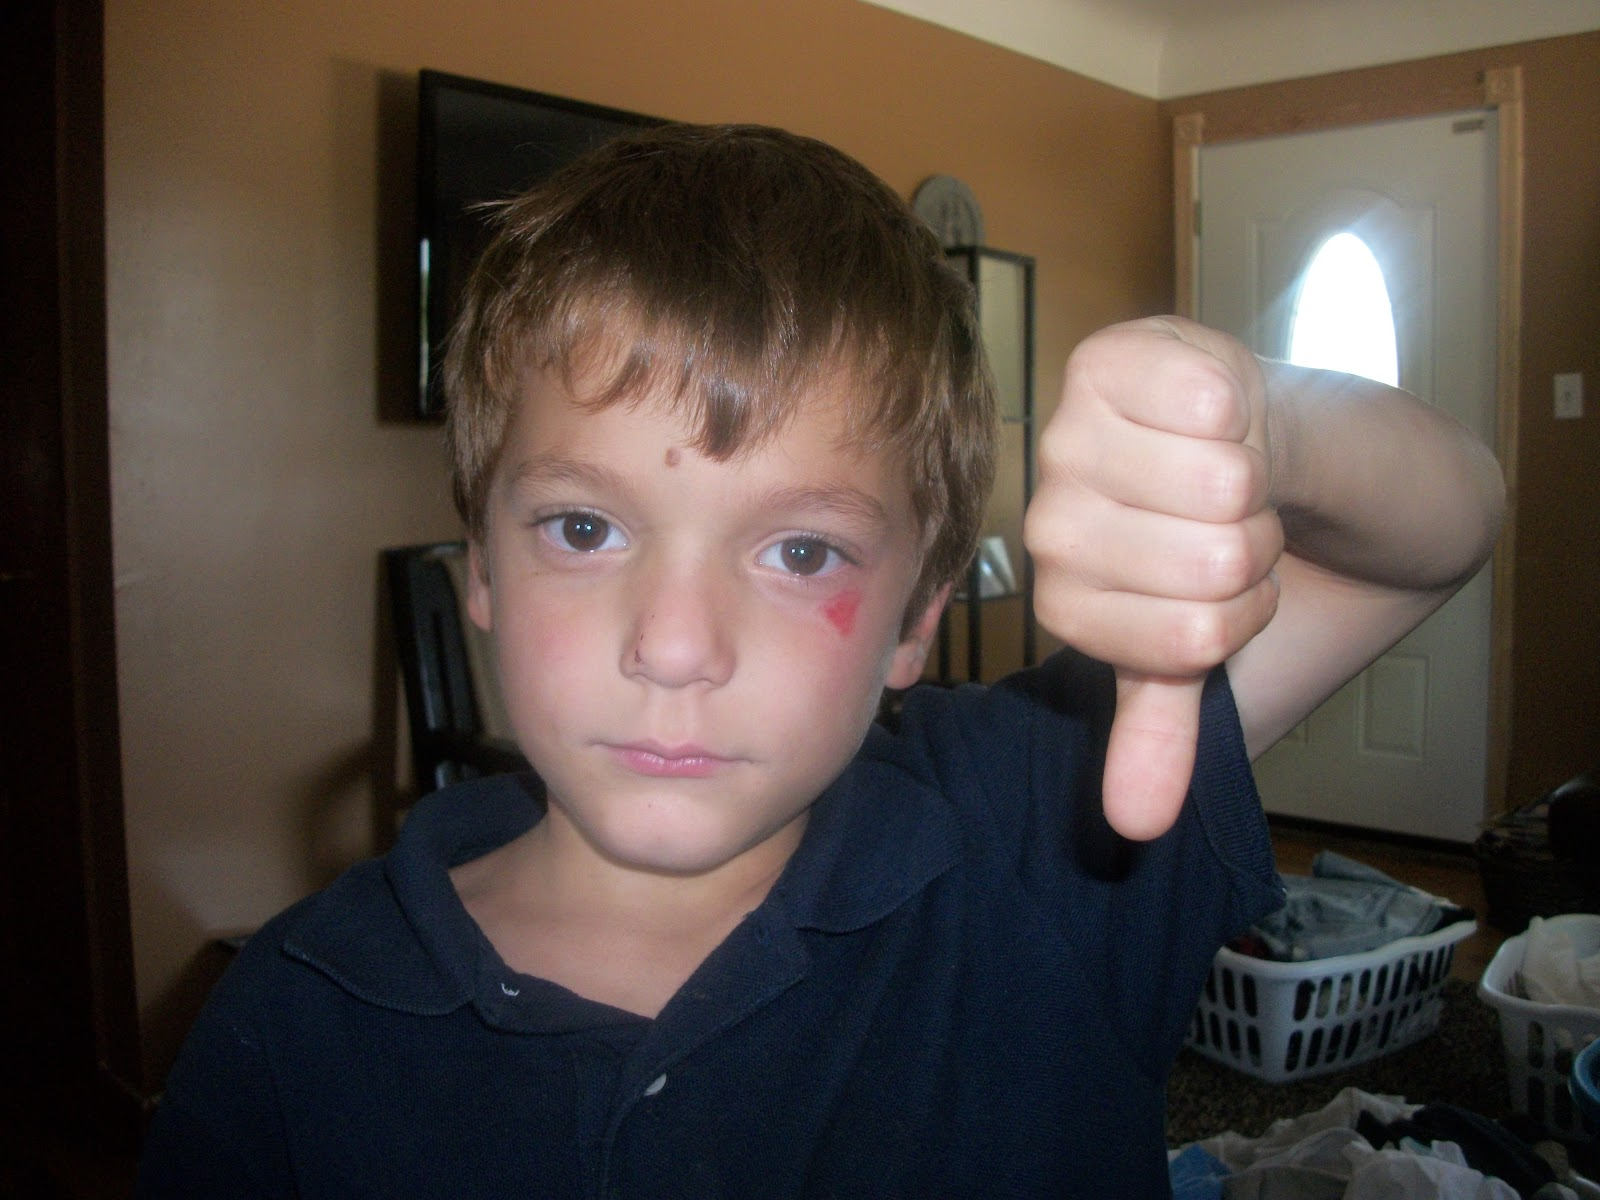 Kole With A Rug Burn Under His Eye